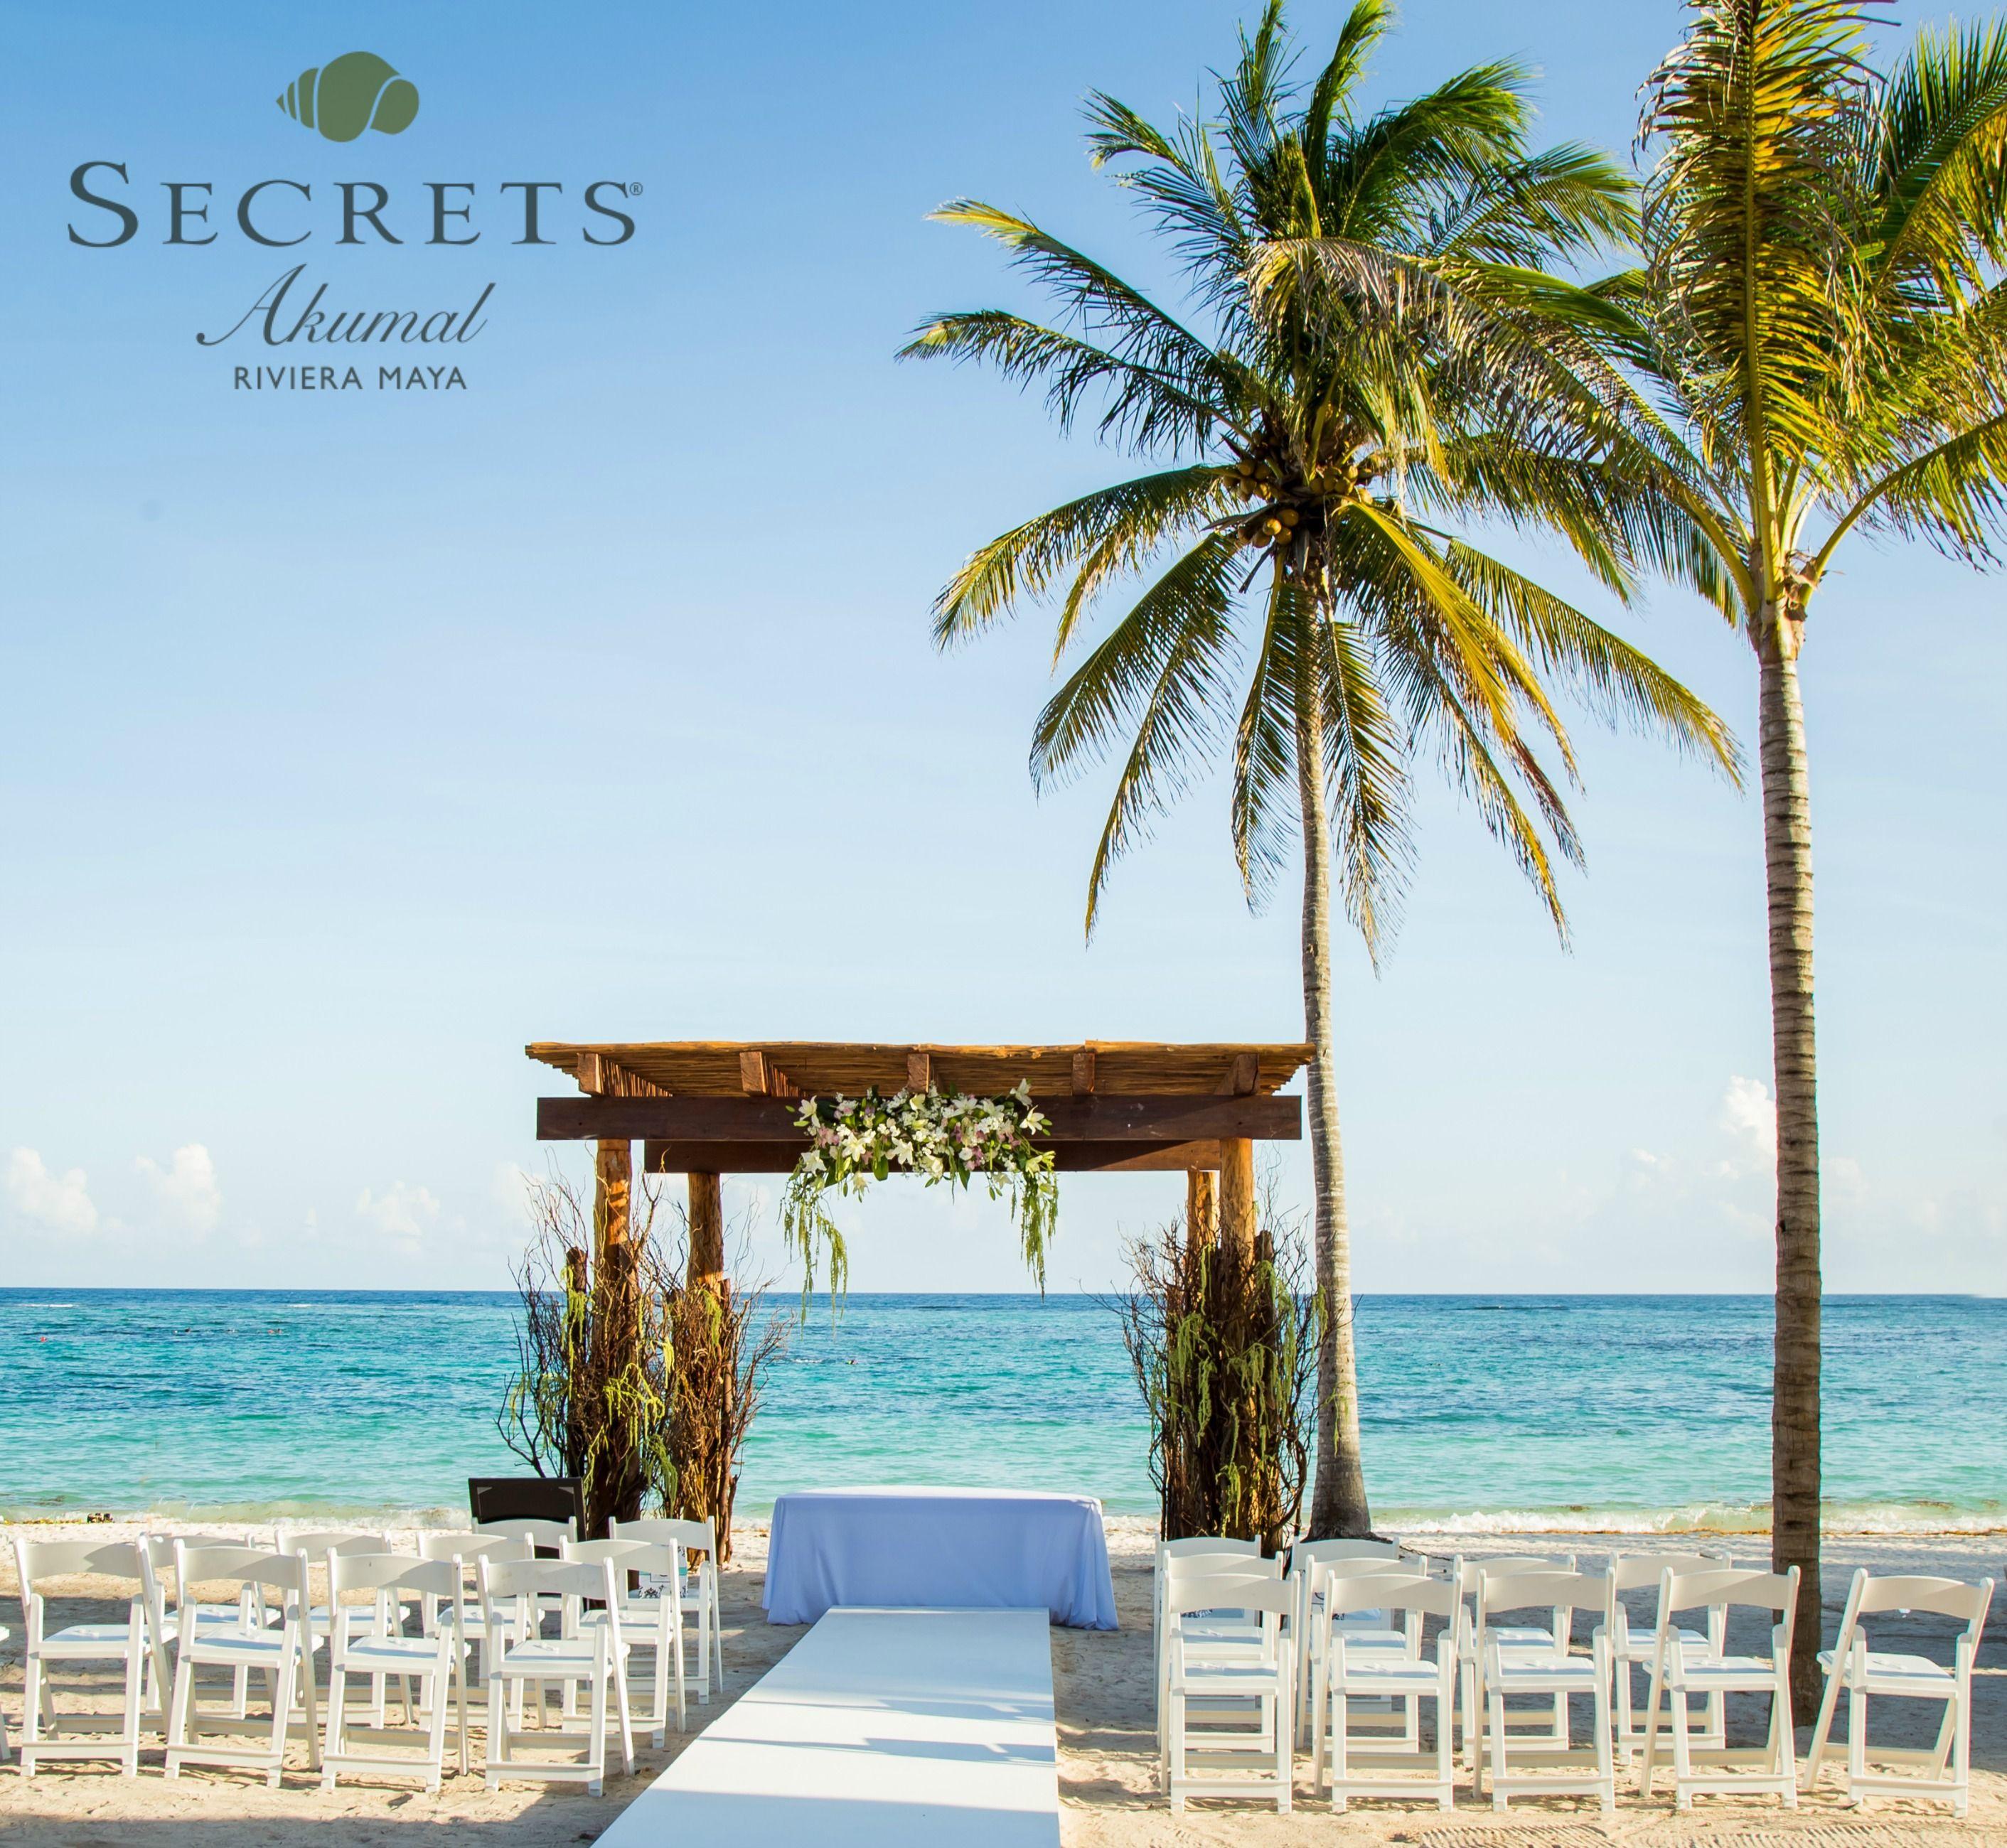 A Beautiful Beach Wedding Set Up At Secrets Akumal Riviera Maya